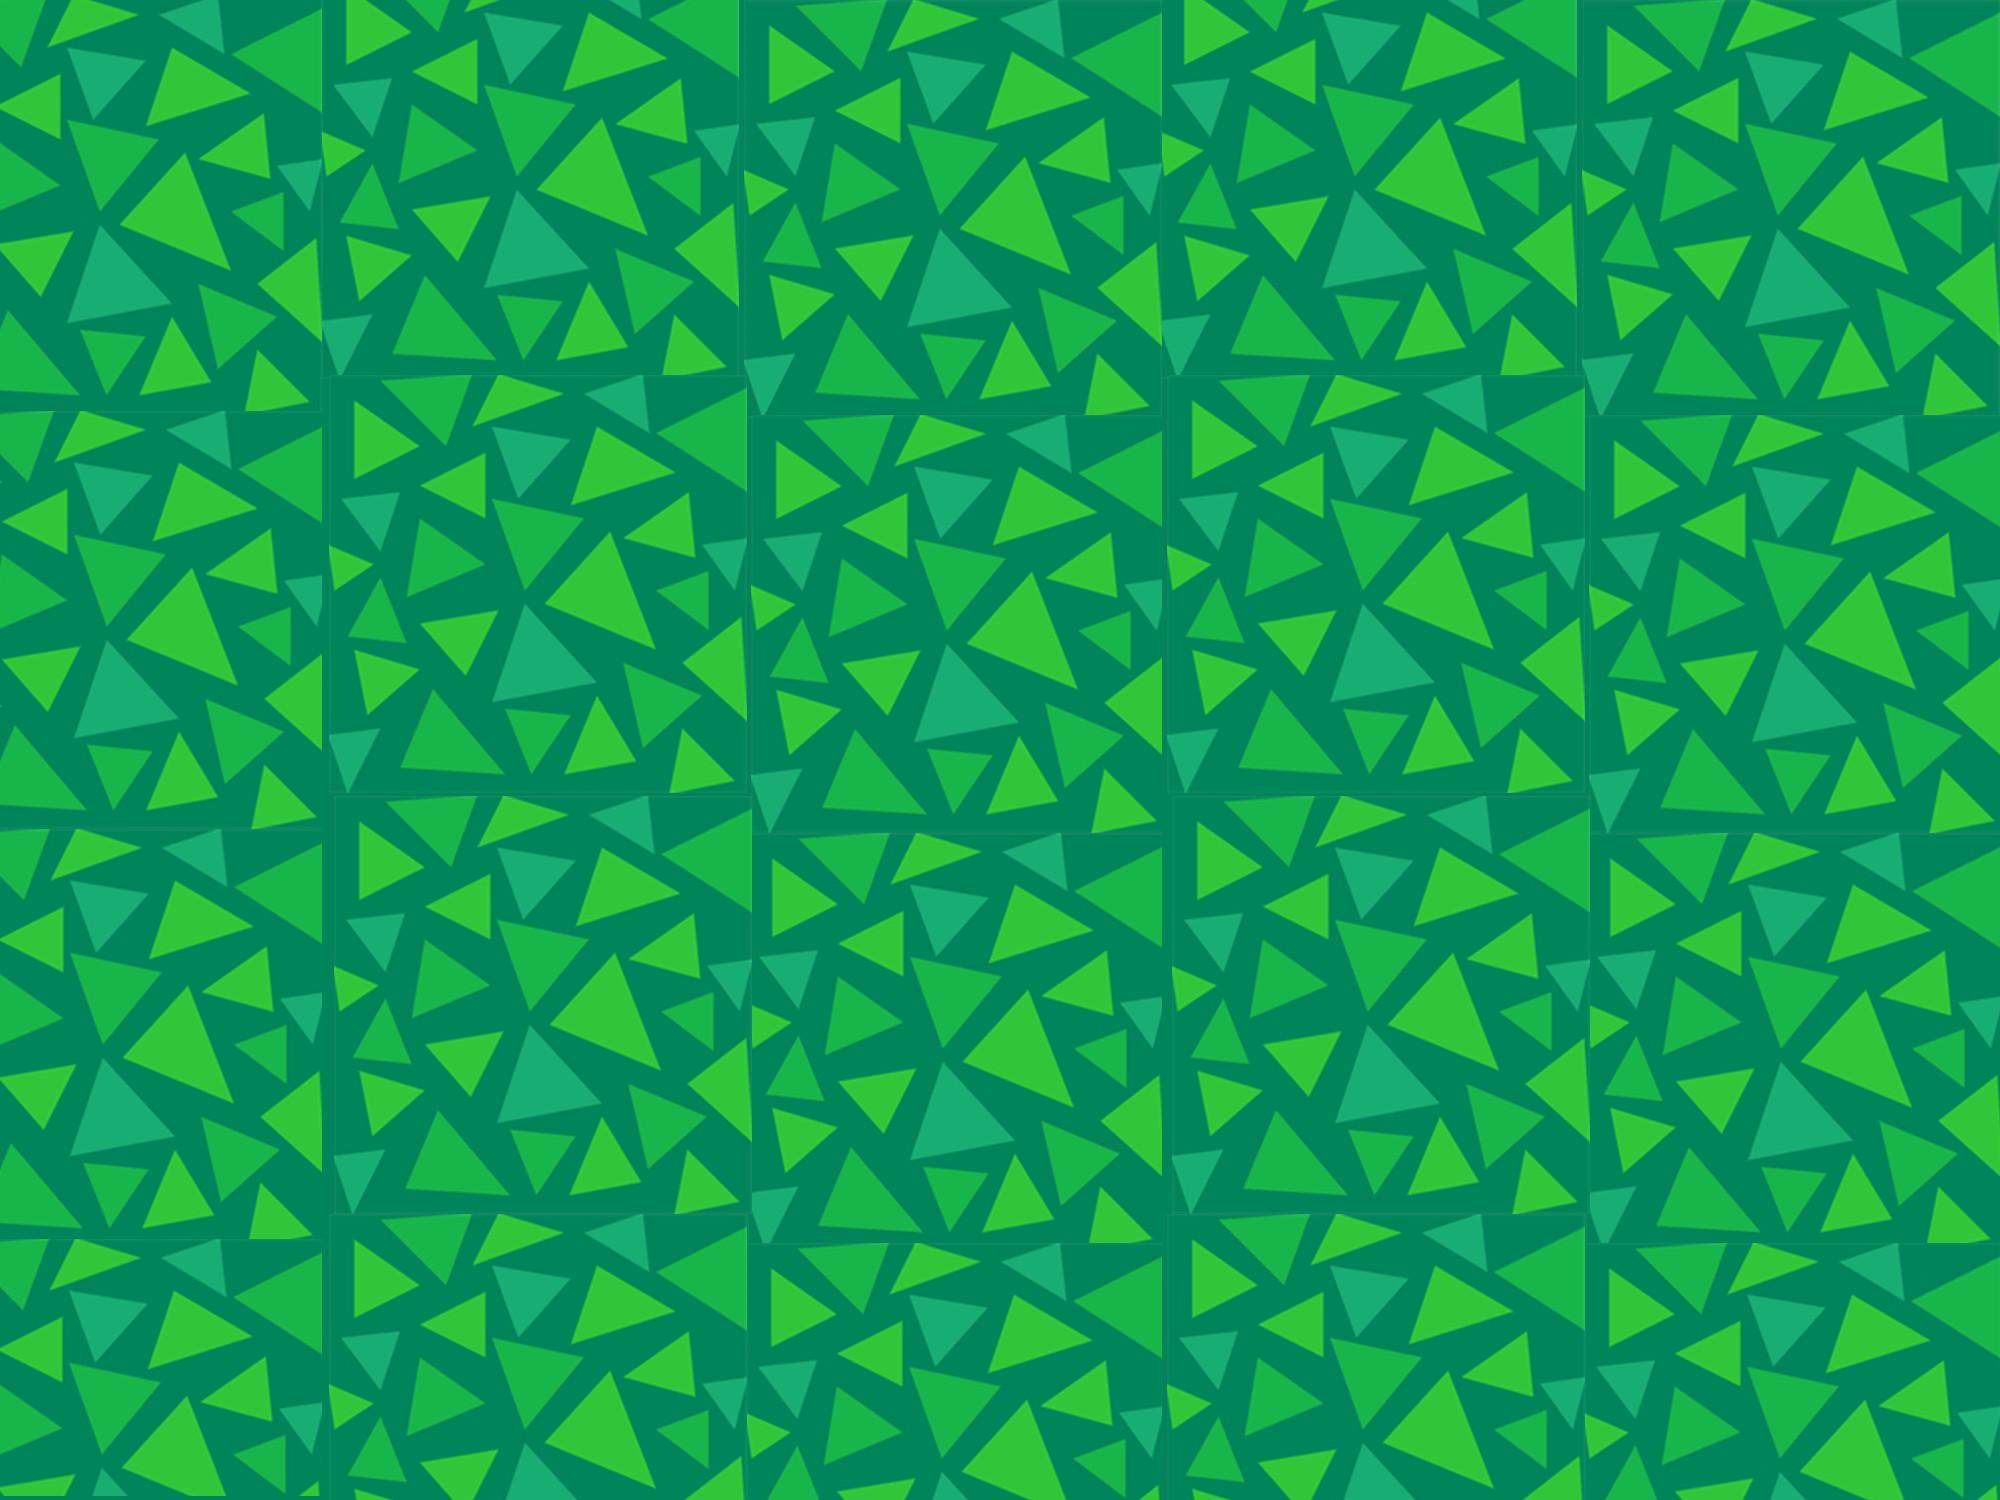 Animal Crossing Images Download | PixelsTalk.Net